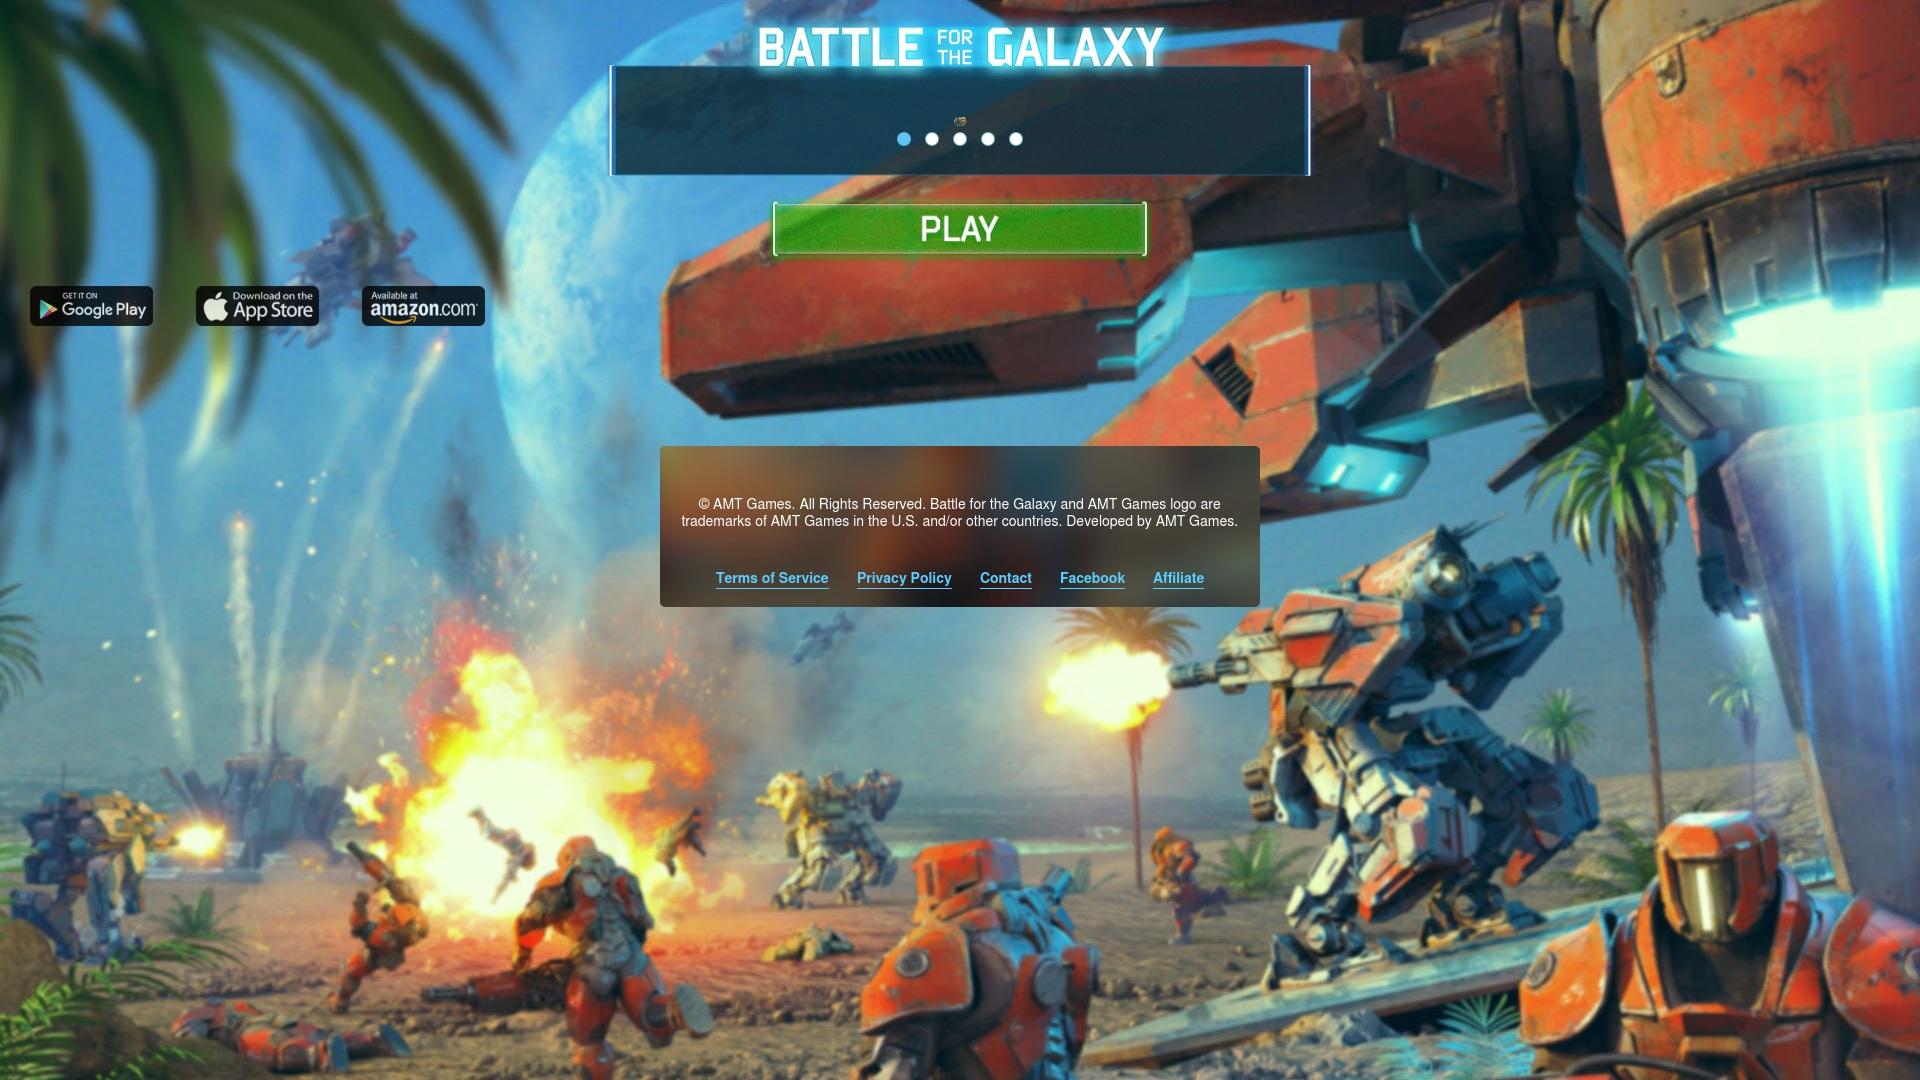 Gutschein für Battleforthegalaxy: Rabatte für  Battleforthegalaxy sichern